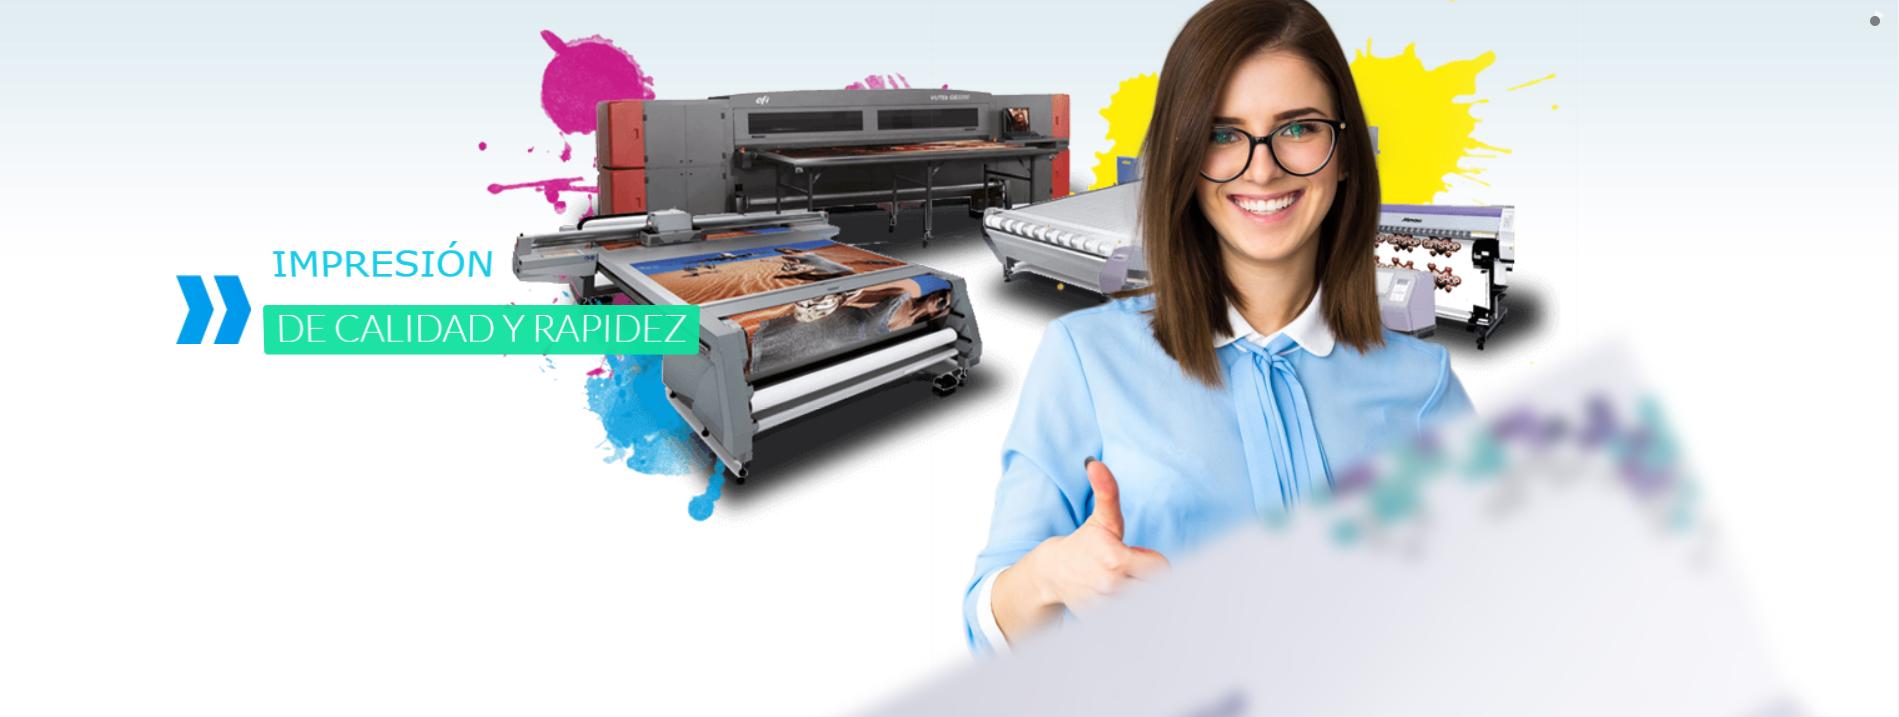 impreso grafica